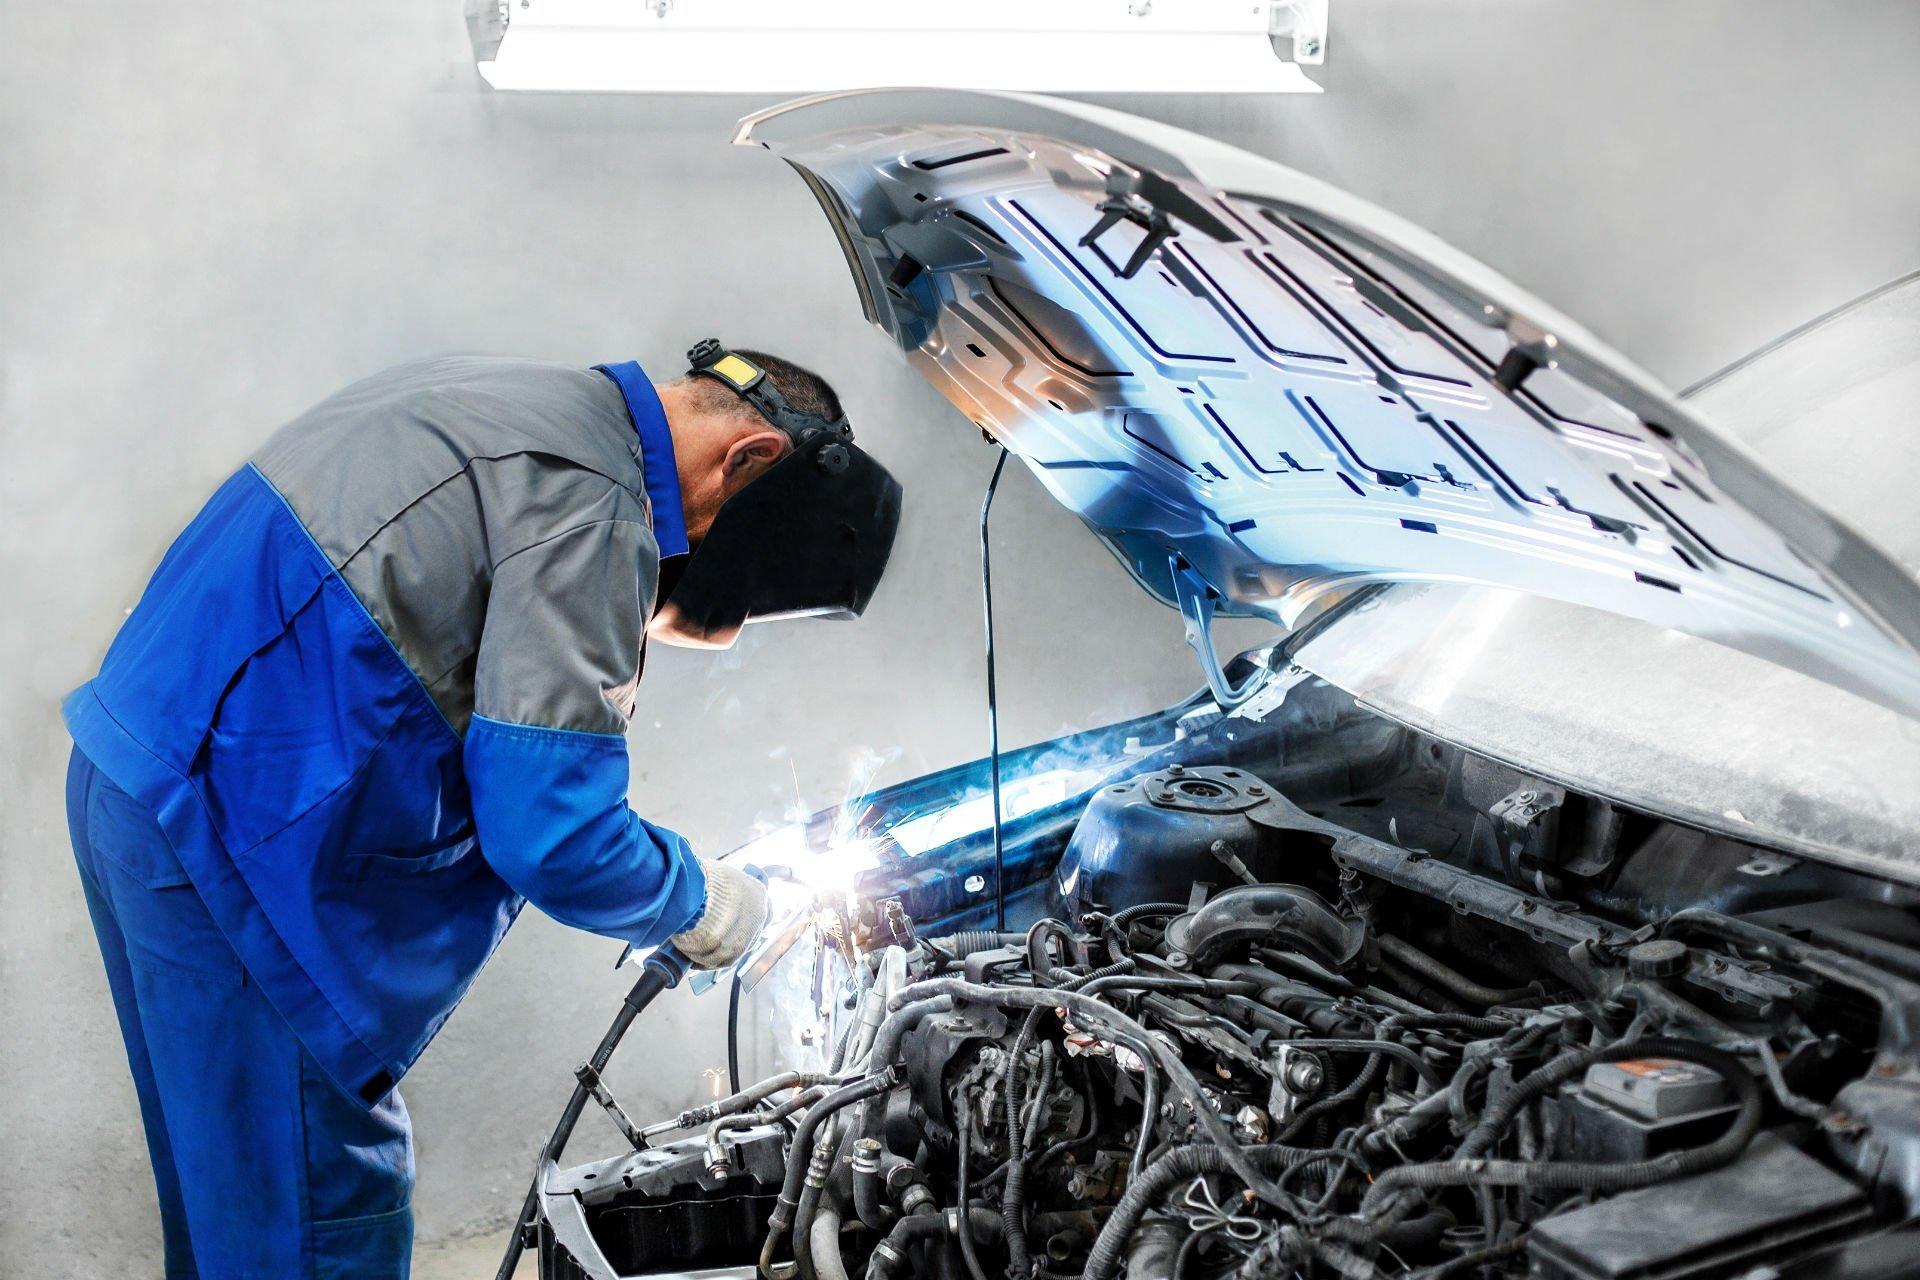 un carrozziere che salda dei componenti nella zona motore di una macchina